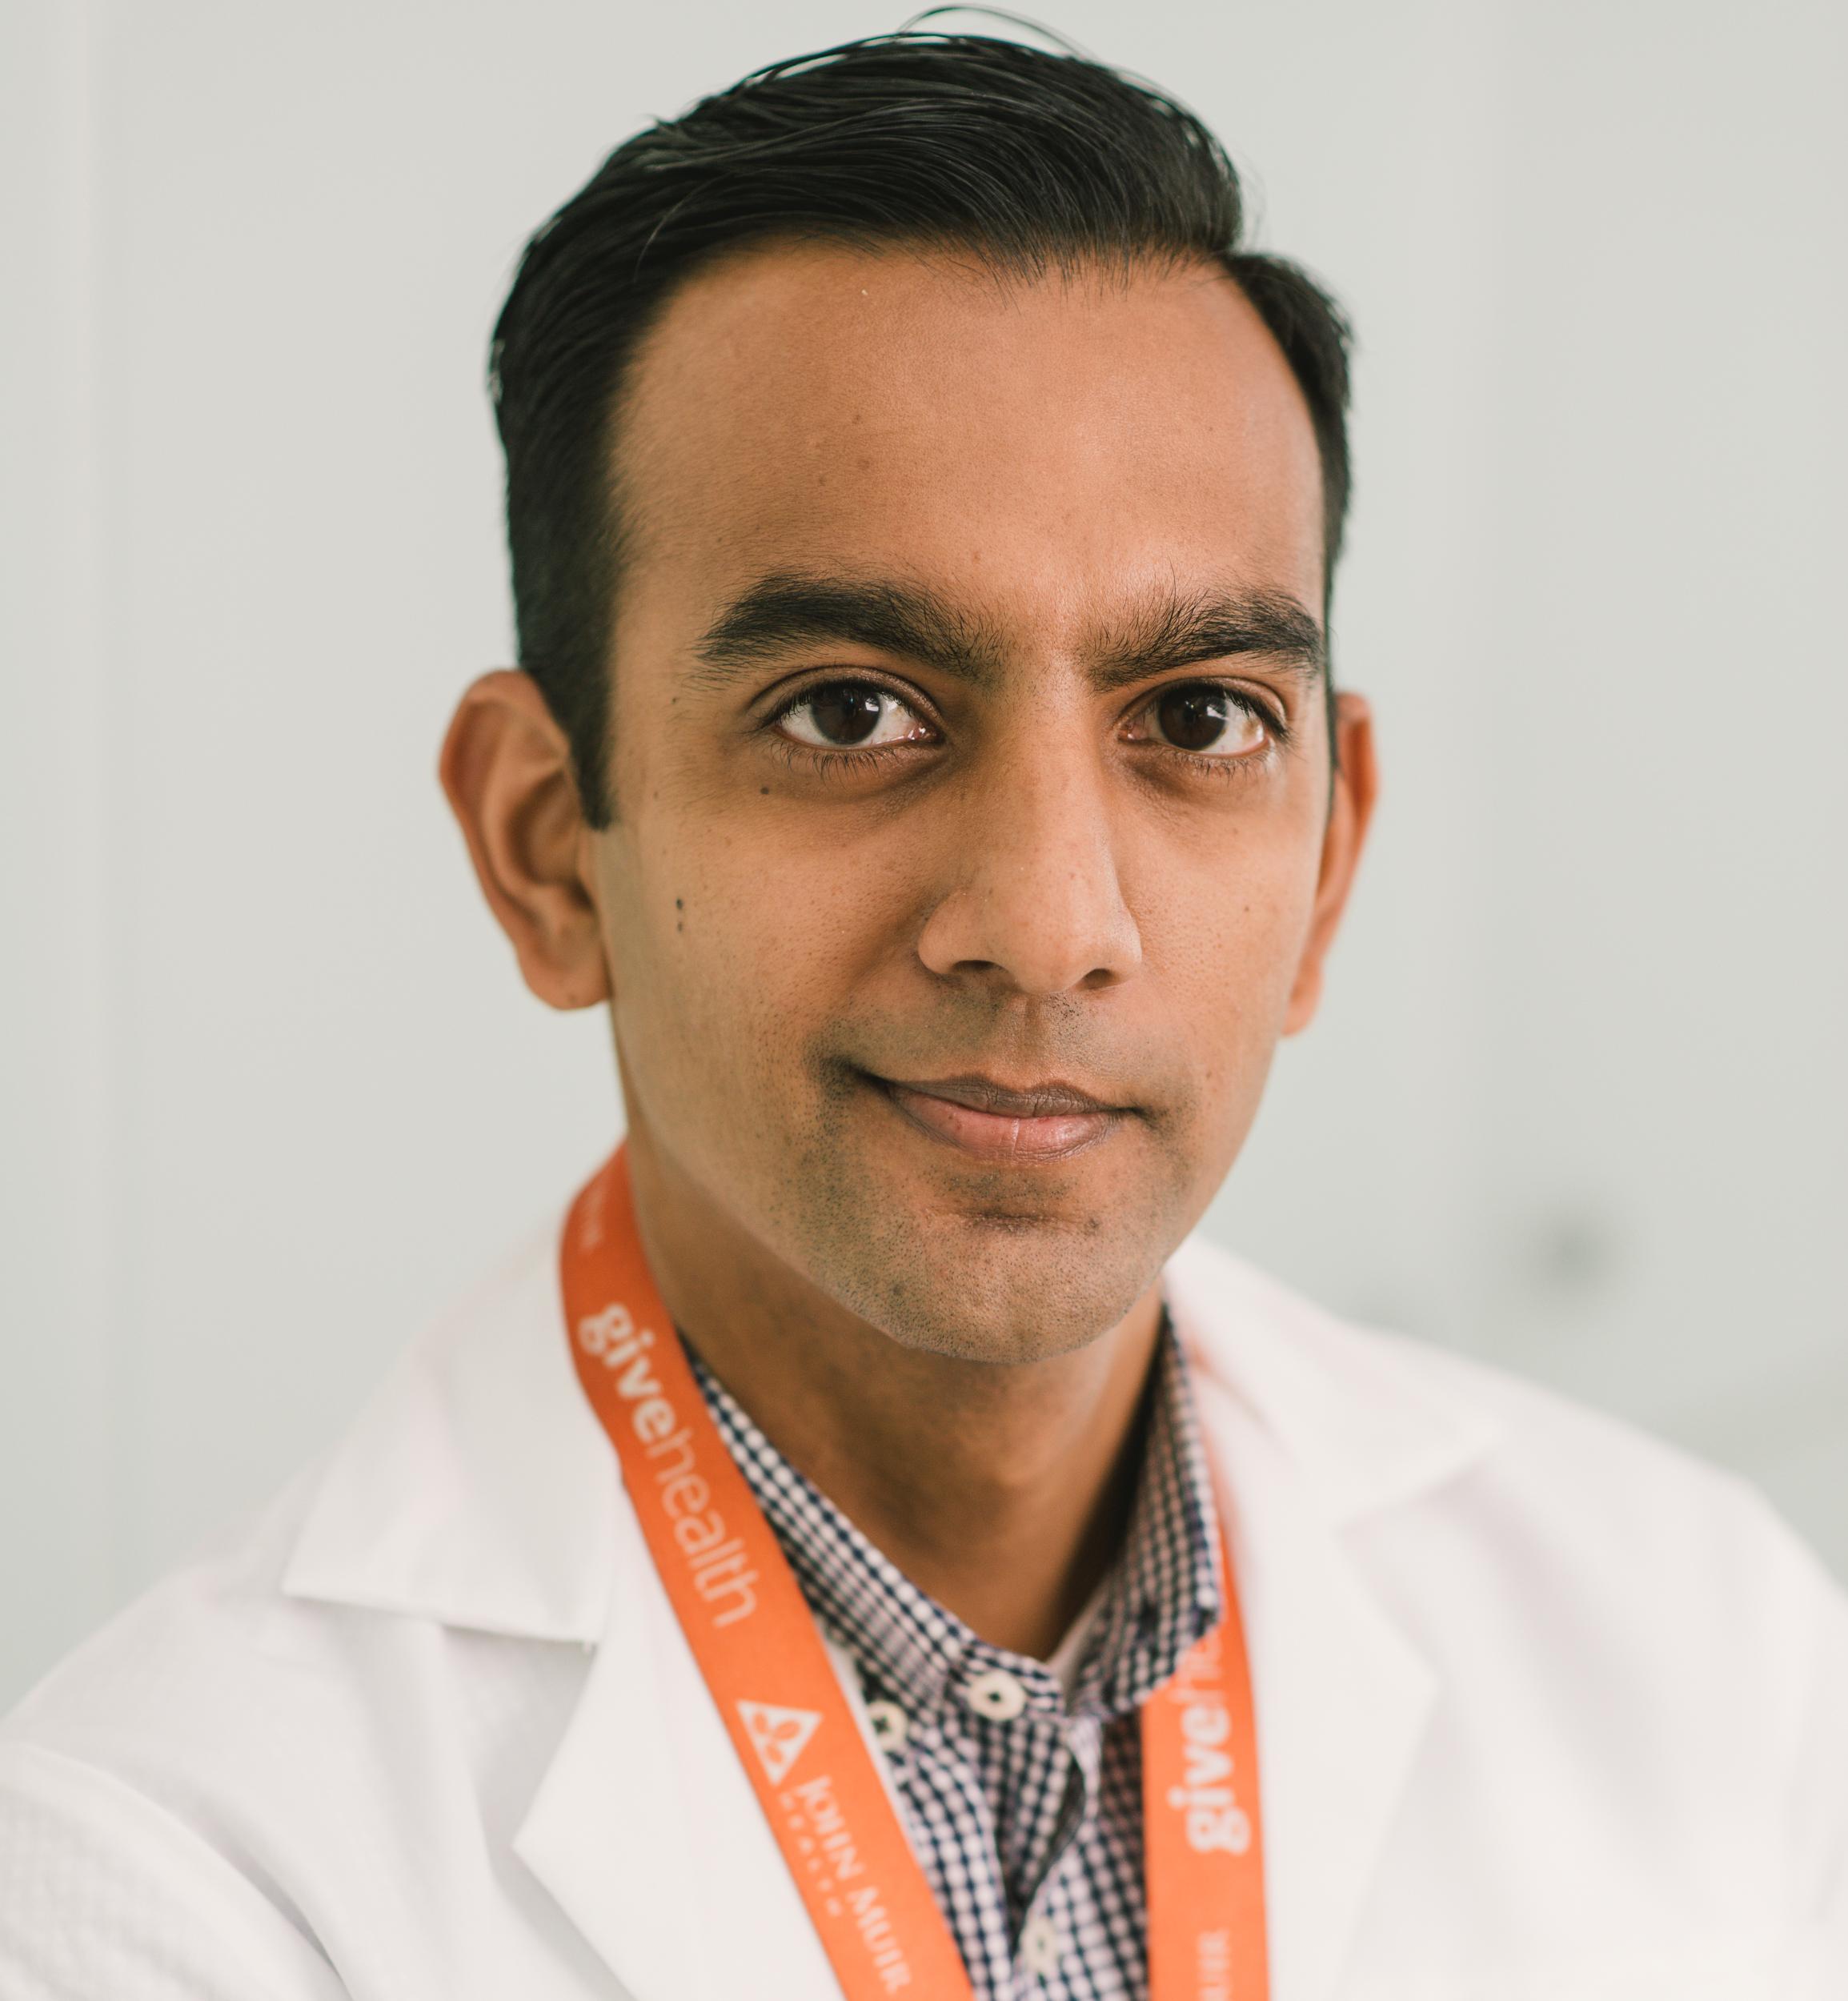 Aalok Turakhia, abdominal imaging, body imaging radiology